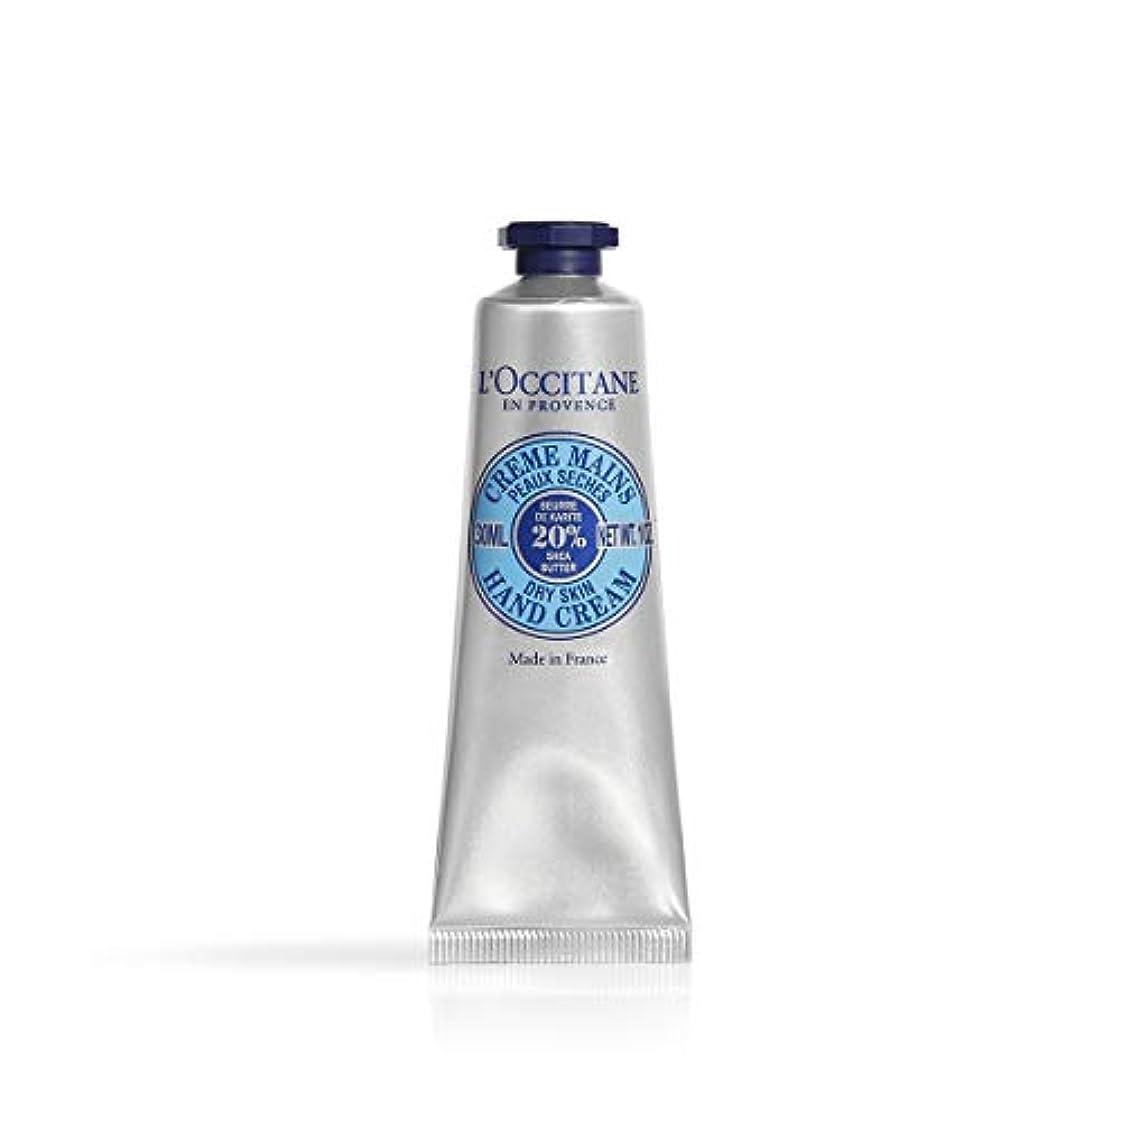 熱望する隠された再生可能ロクシタン(L'OCCITANE) シア ハンドクリーム 30ml